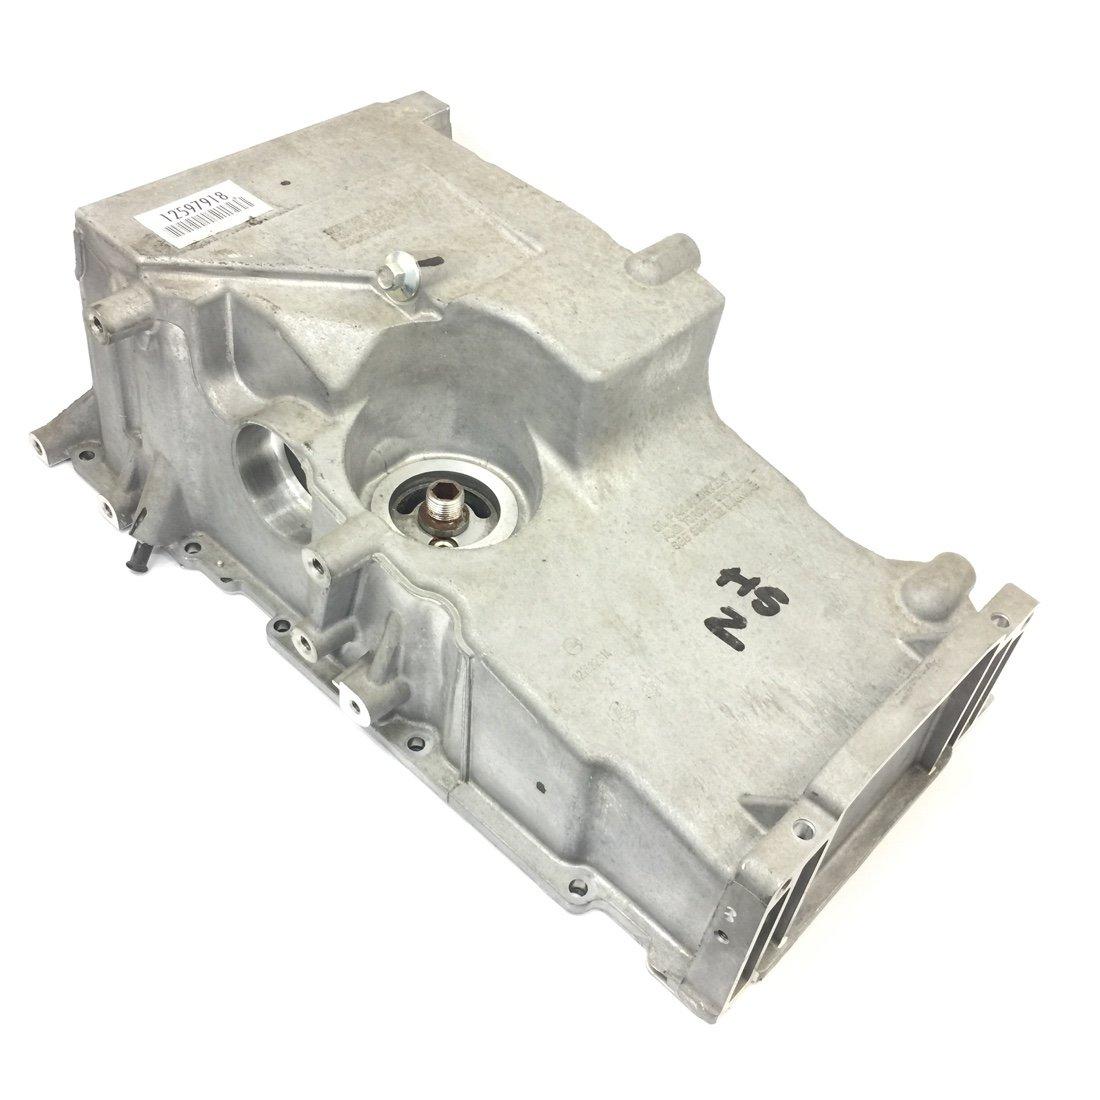 Brand New GM Oil Pan 5.3L & 6.0L TRAILBLAZER, ENVOY 06-09#12597918, 12613437